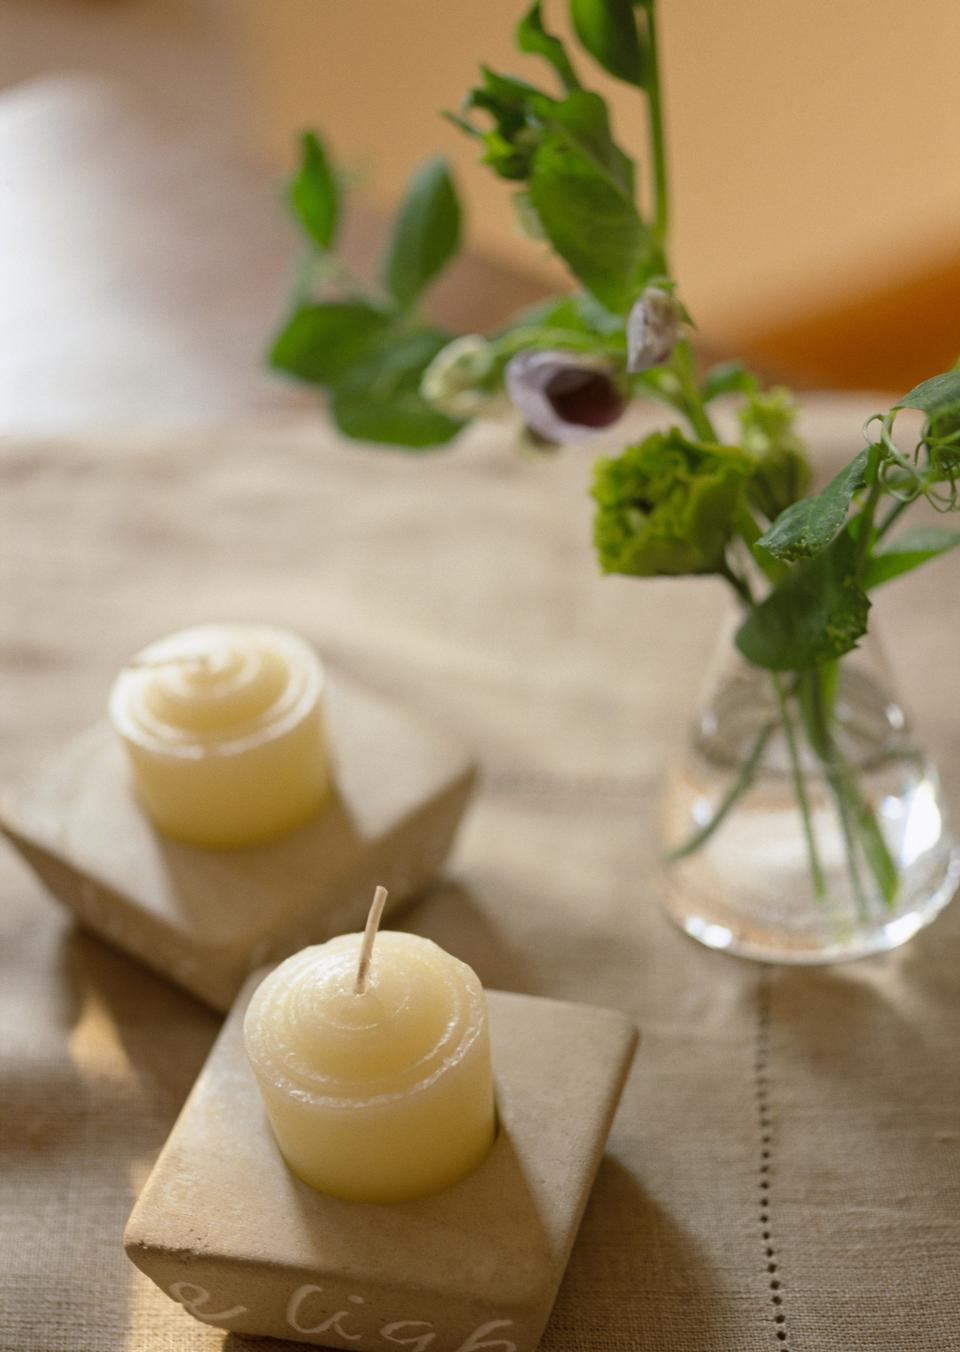 Филиал цветов в вазочке, белые свечи на стенде